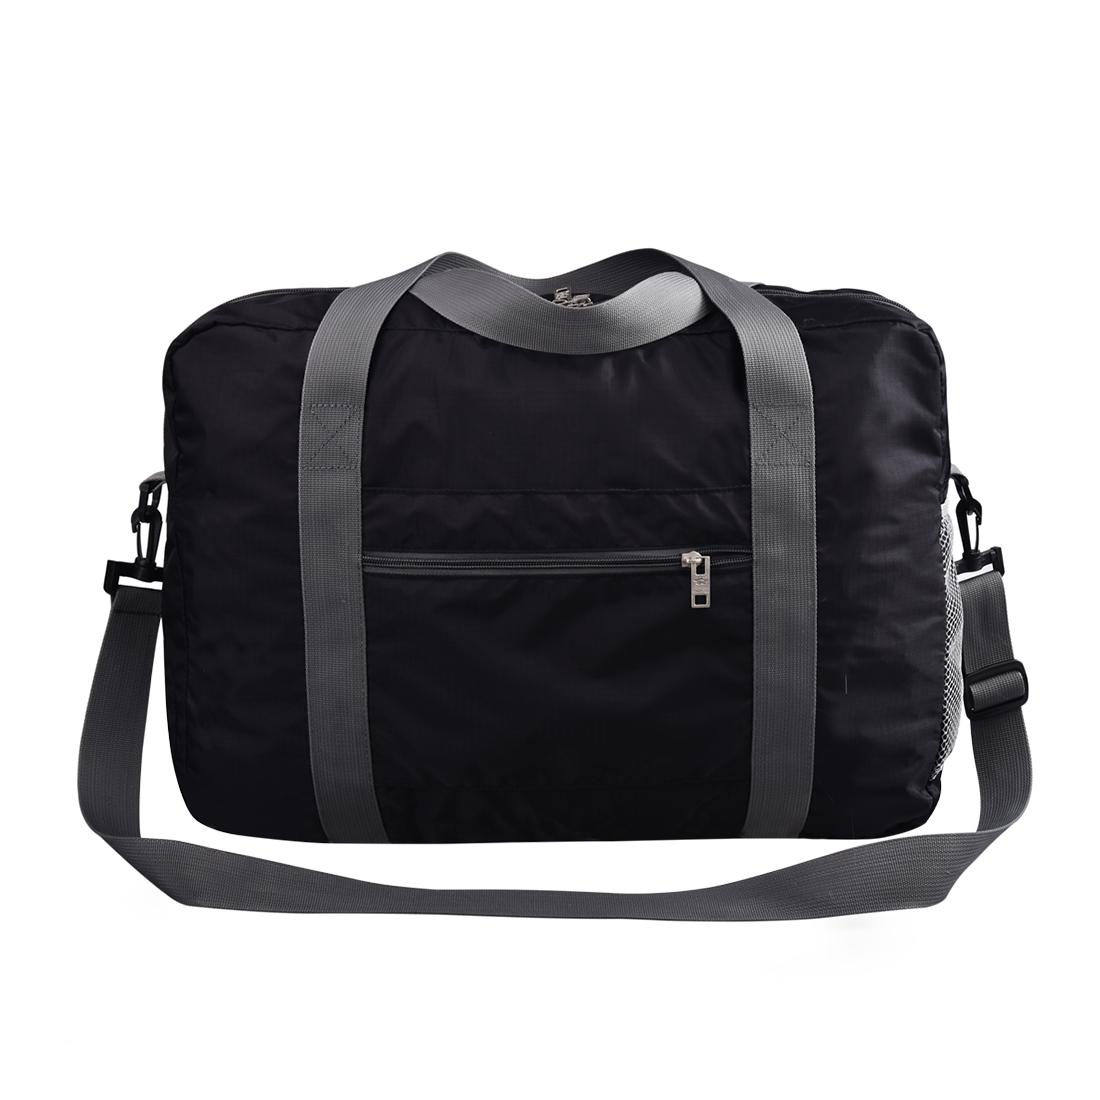 Men Large Capacity Travel Leisure Nylon Folding Luggage Bag